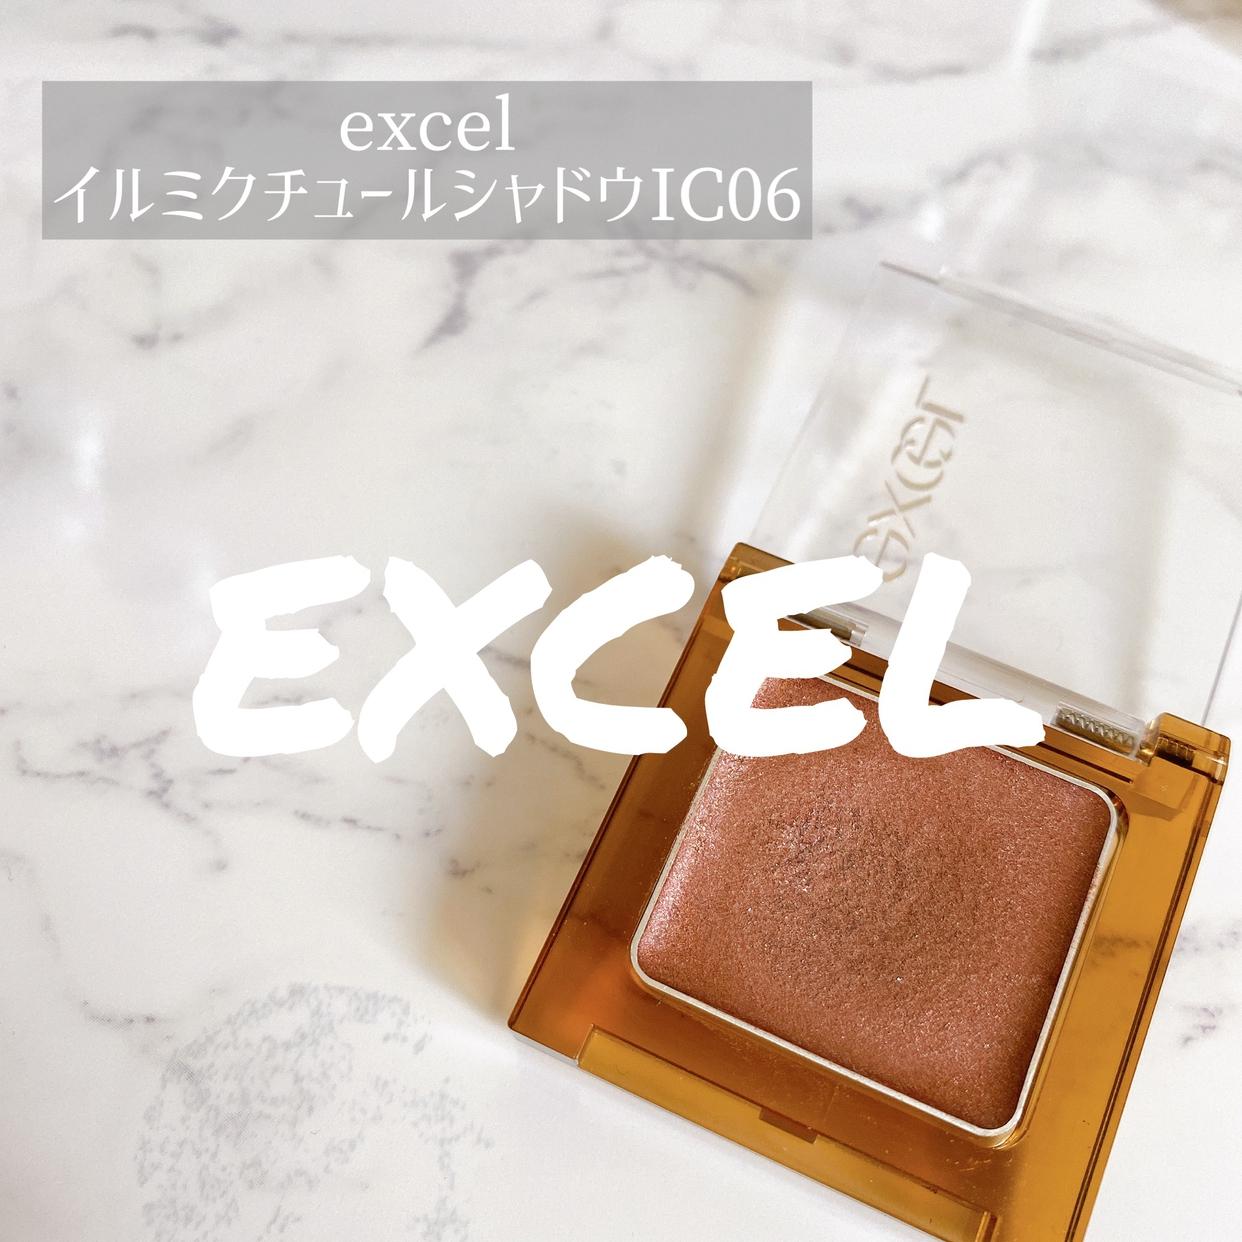 excel(エクセル) イルミクチュールシャドウを使ったmimimi.beautyさんのクチコミ画像1